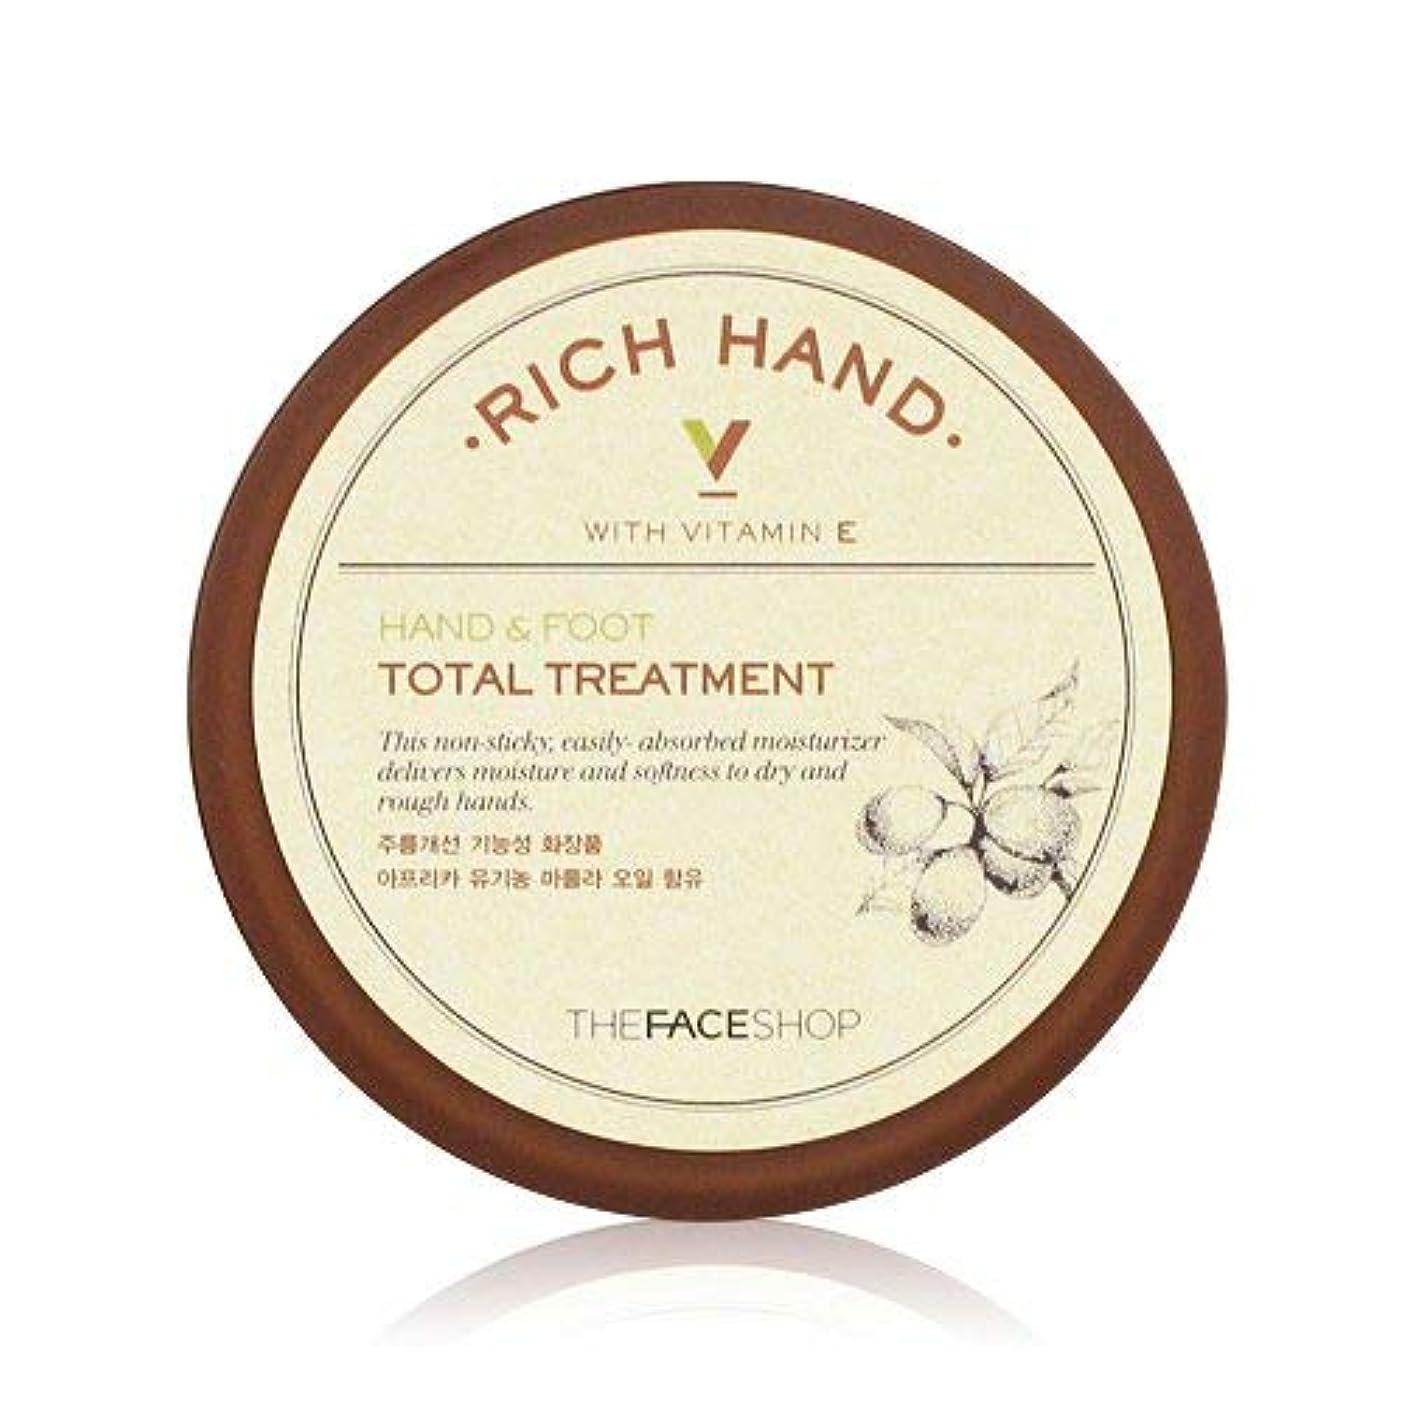 性能マイクホールドTHE FACE SHOP Rich Hand V Hand and Foot Total Treatment ザフェイスショップ リッチハンド V ハンド? フット トータルトリートメント [並行輸入品]